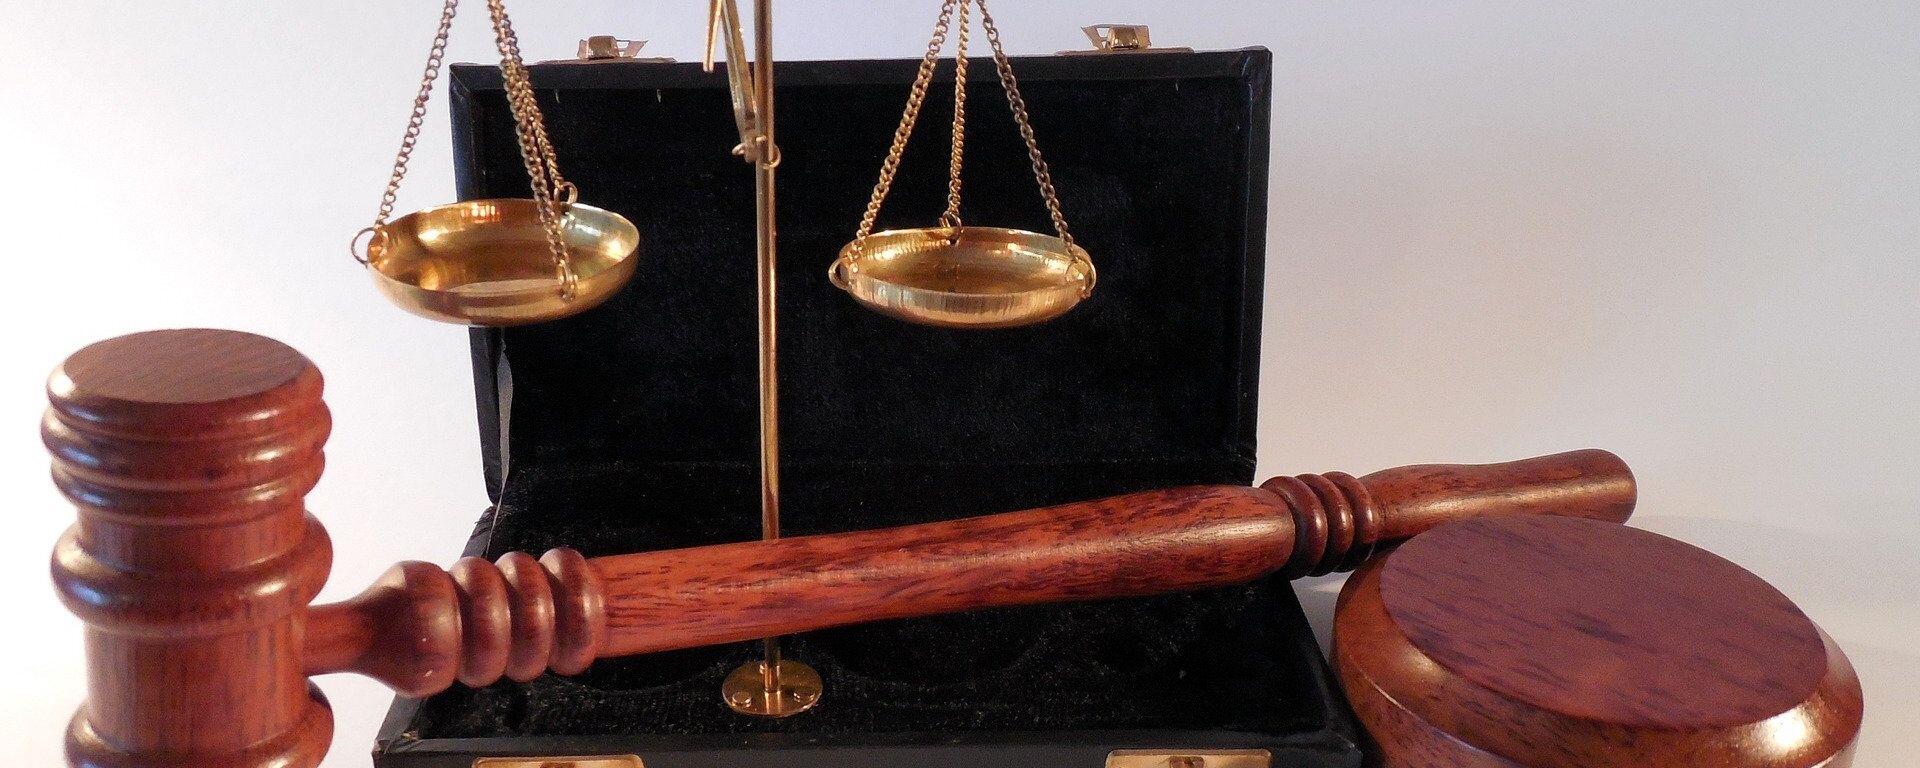 კანონის და მართლმსაჯულების სიმბოლო - Sputnik საქართველო, 1920, 28.01.2021